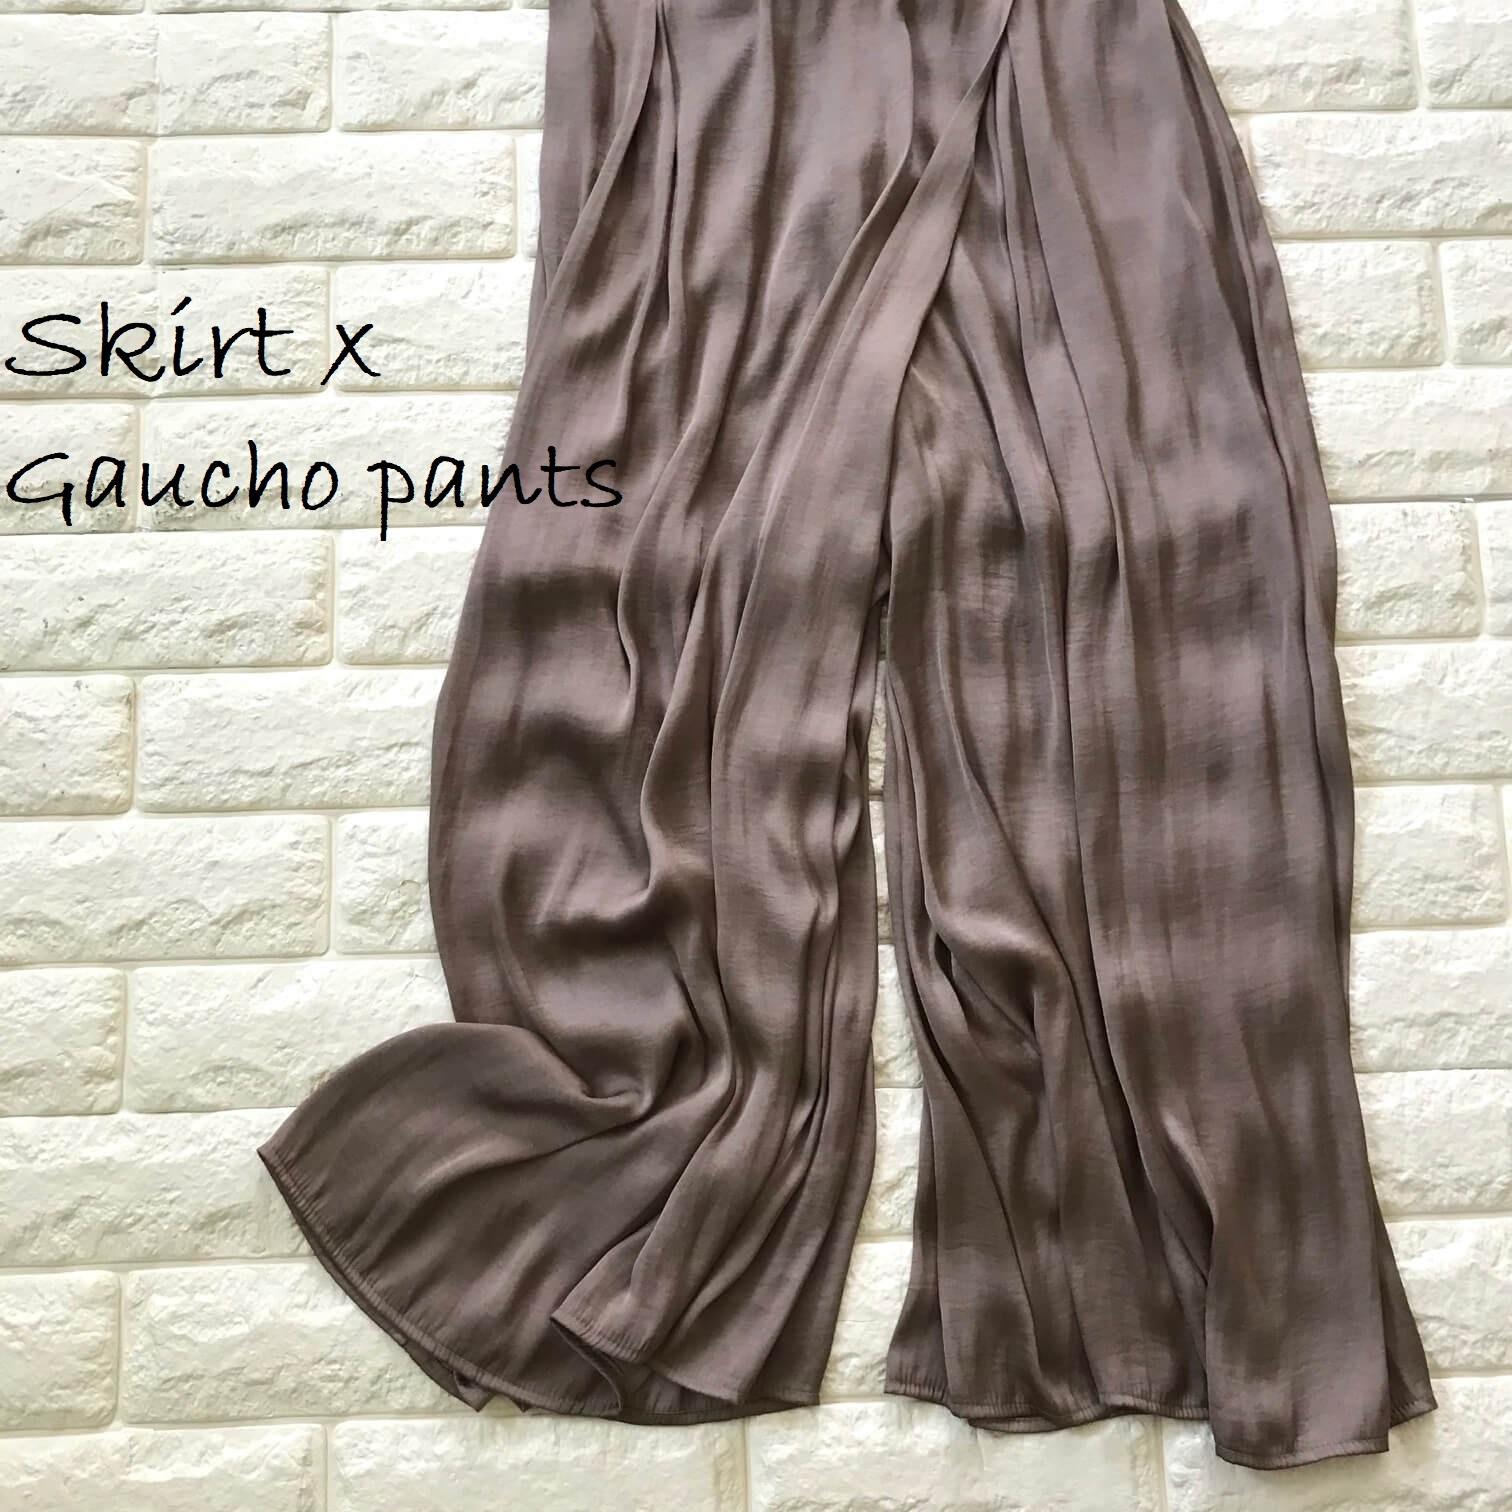 ロペピクニックのスカーチョ裾アップ画像